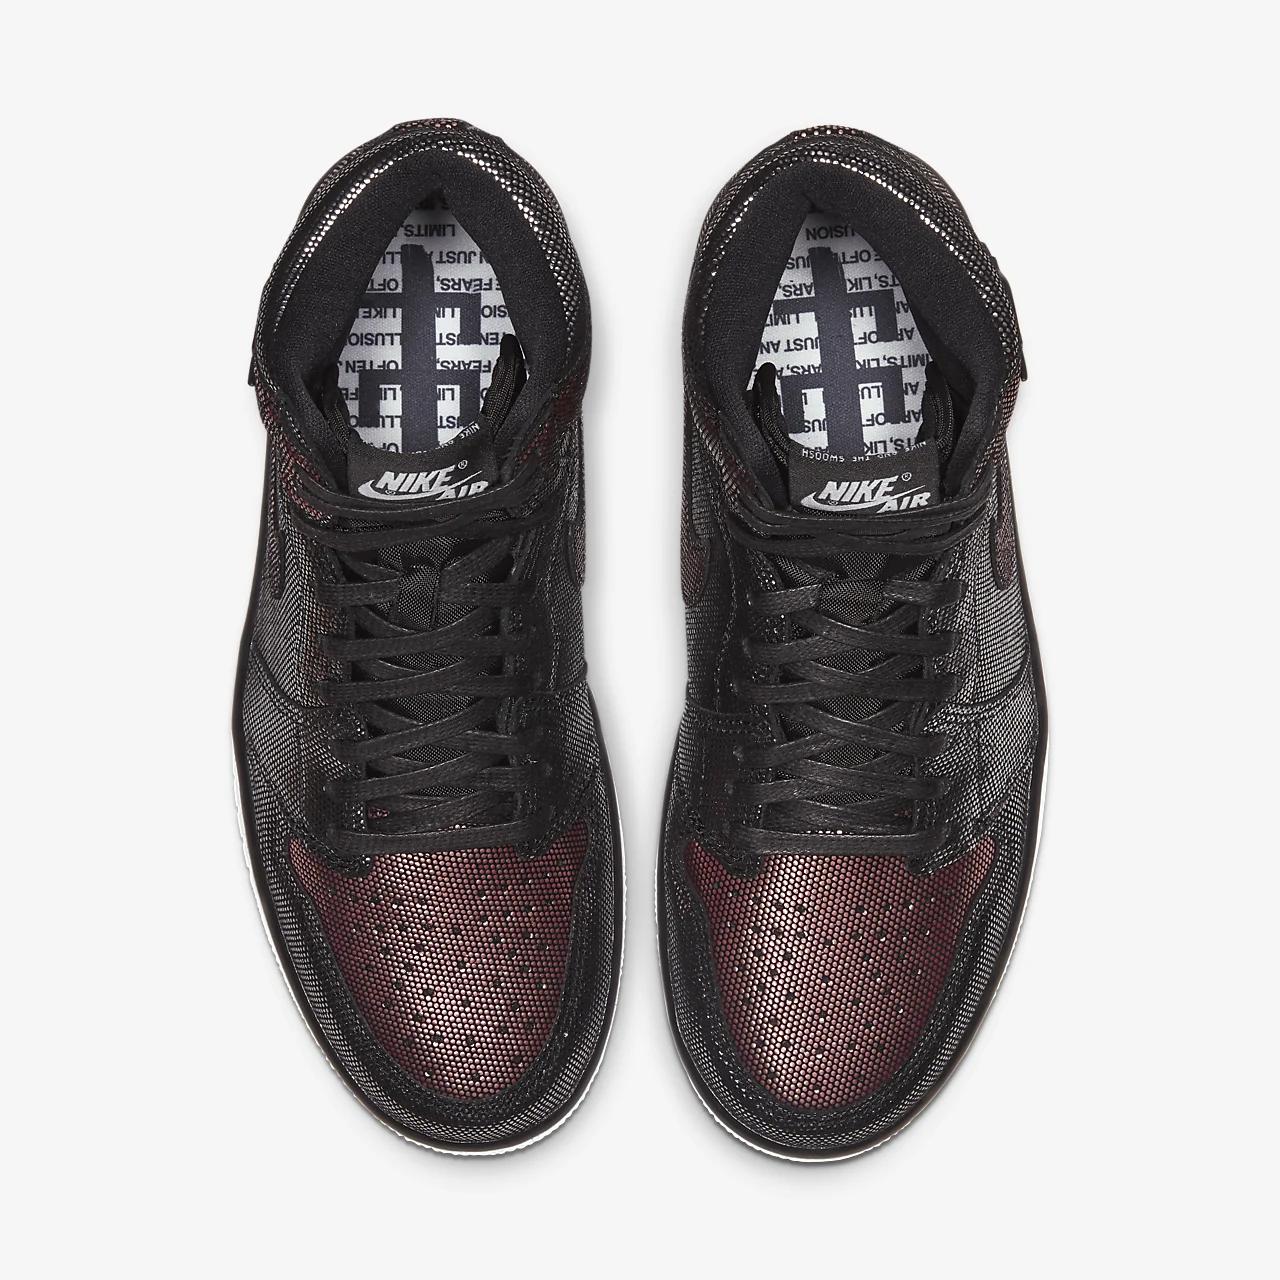 유럽직배송 나이키 NIKE Air Jordan 1 Hi OG Fearless Women's Shoe CU6690-006